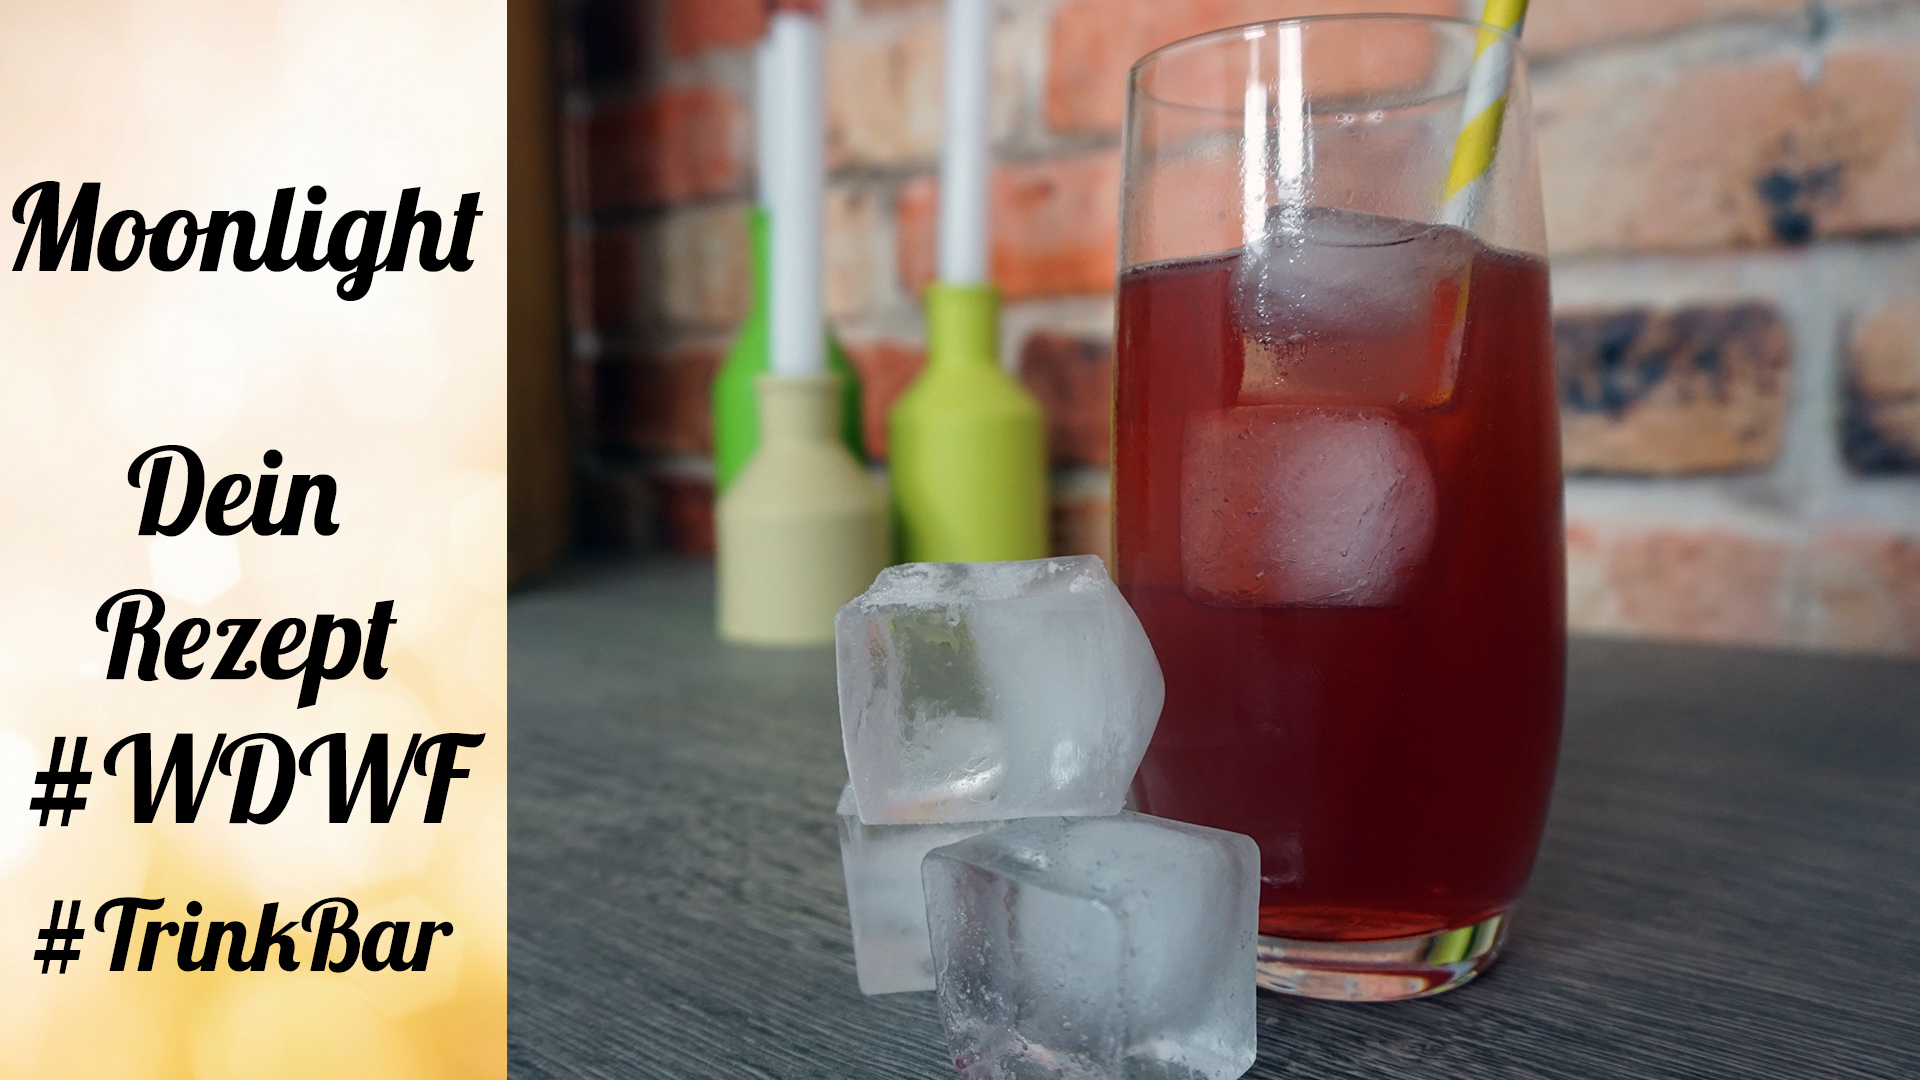 Moonlight - Dein Rezept - WDWF - Cocktails selber machen - Natürlich ...